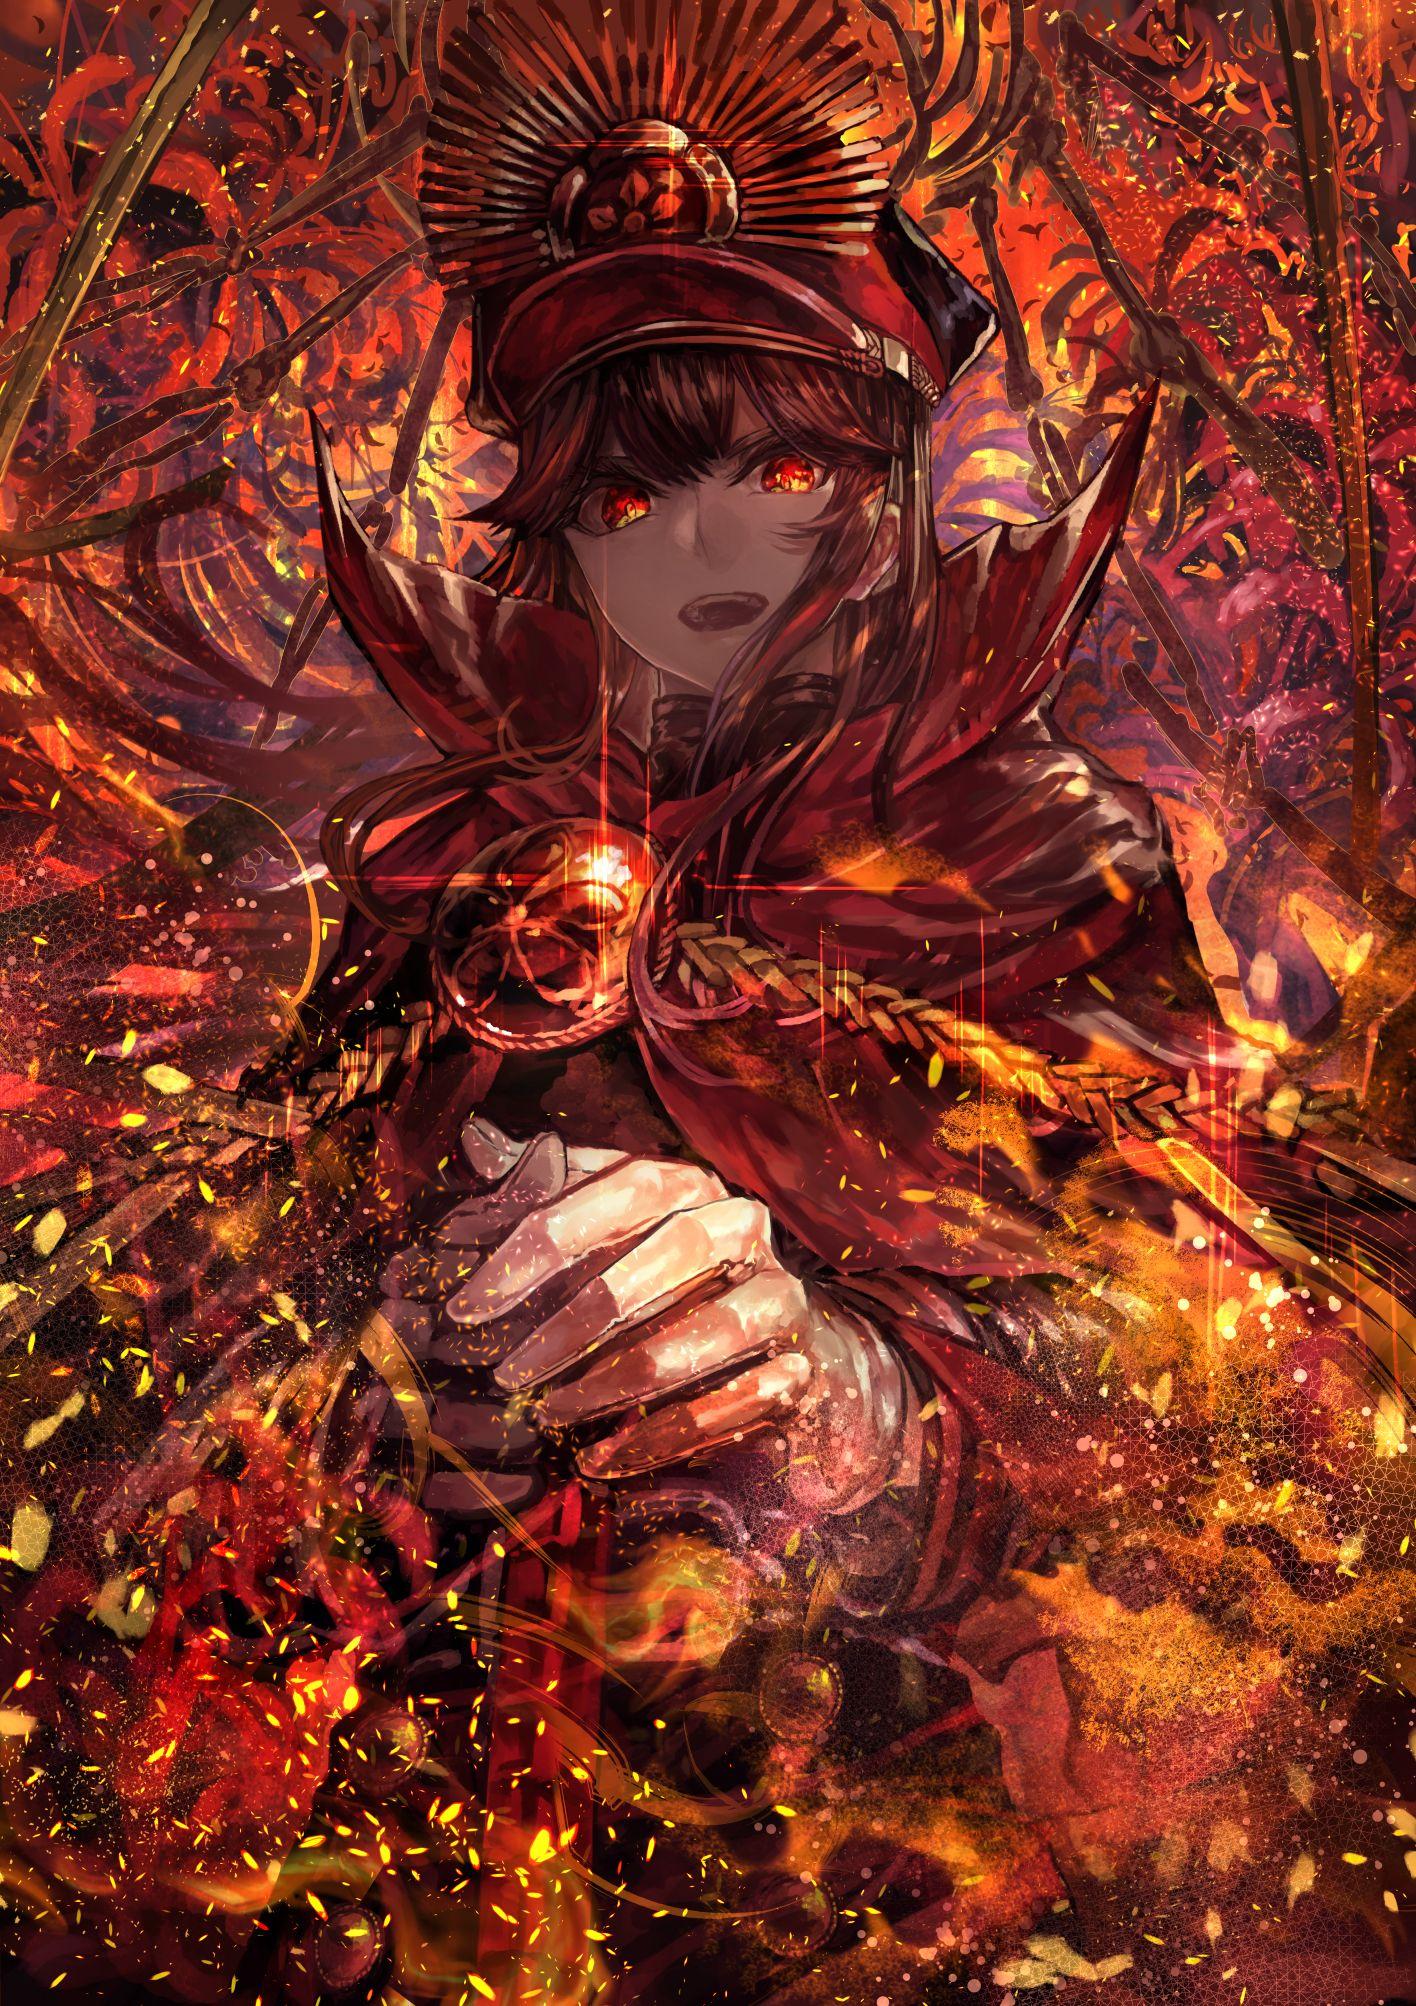 Majin demon archer oda nobunaga fate fate stay night